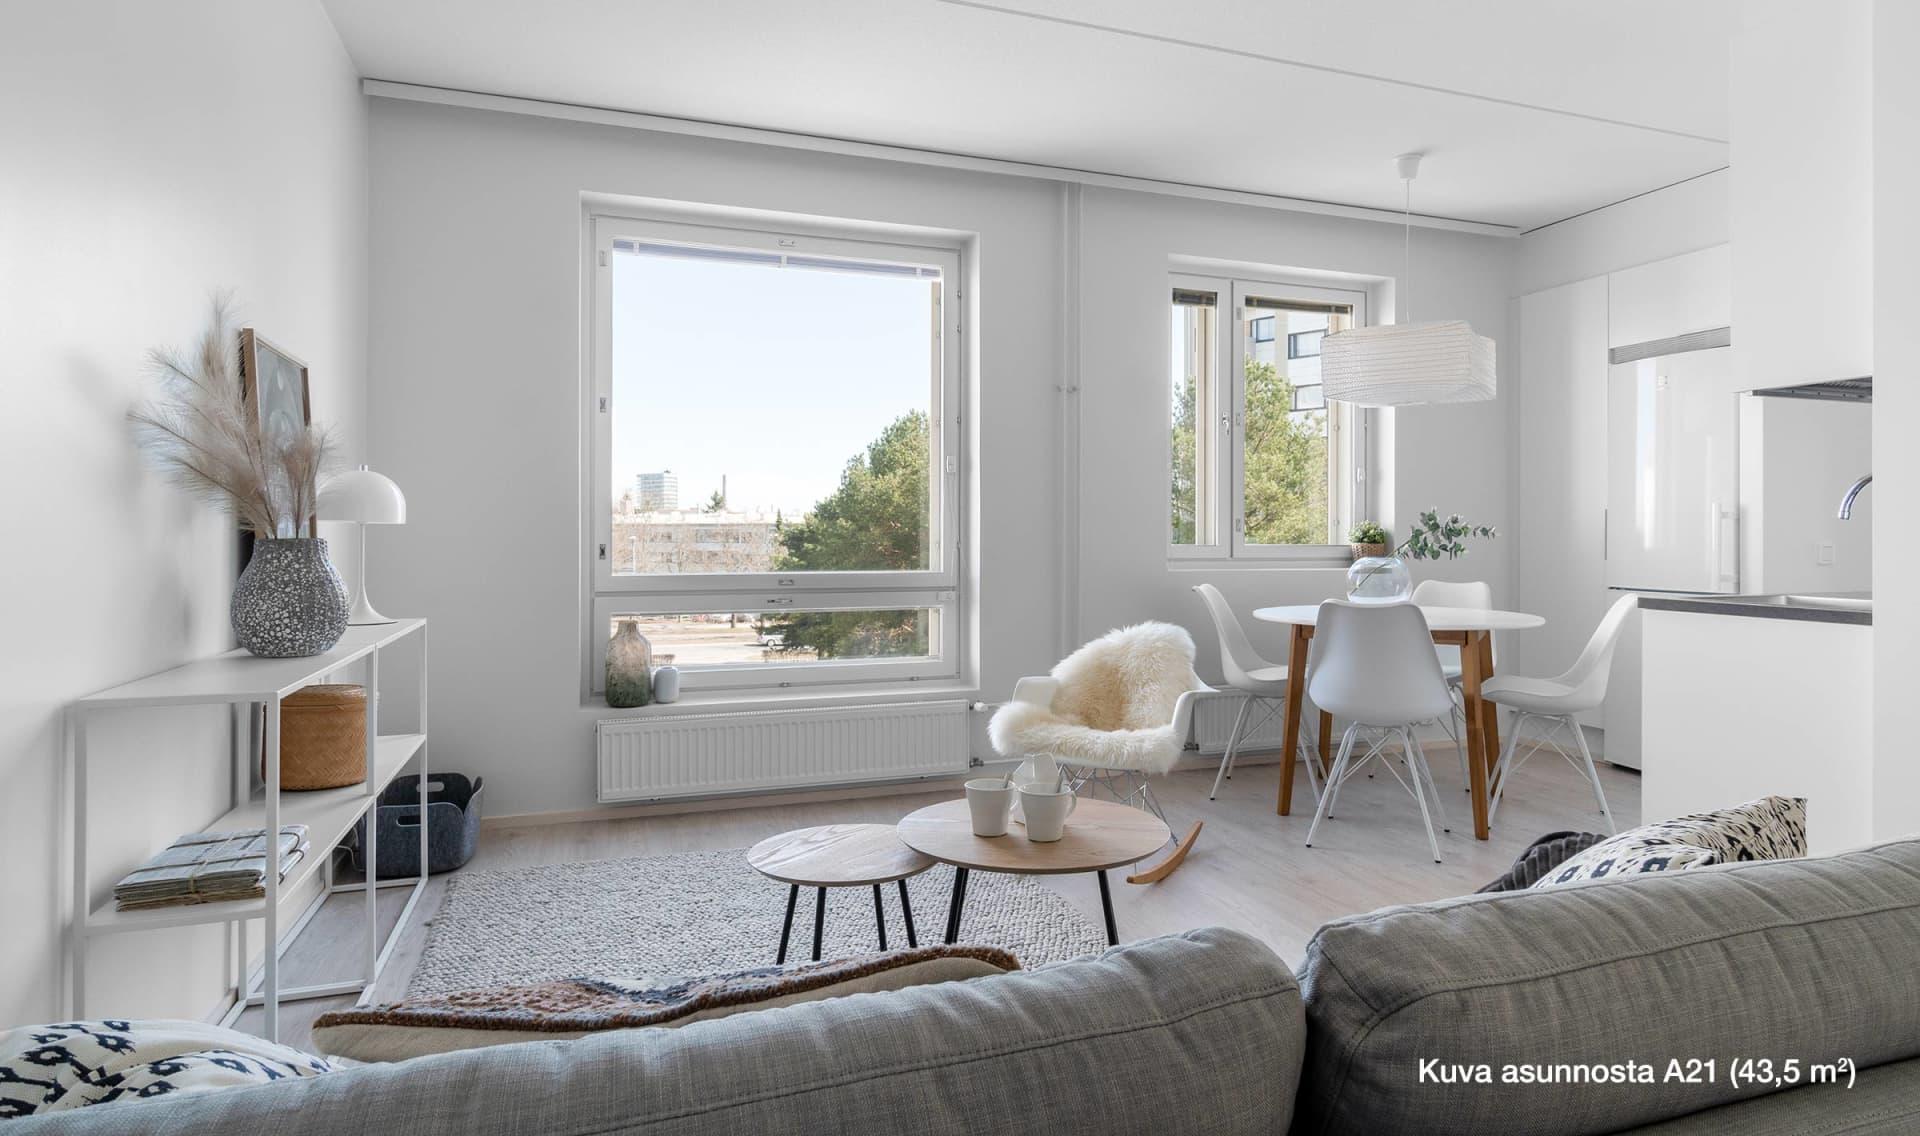 Myytävät asunnot Pori - Asunto Oy Porin Veturimies - YIT